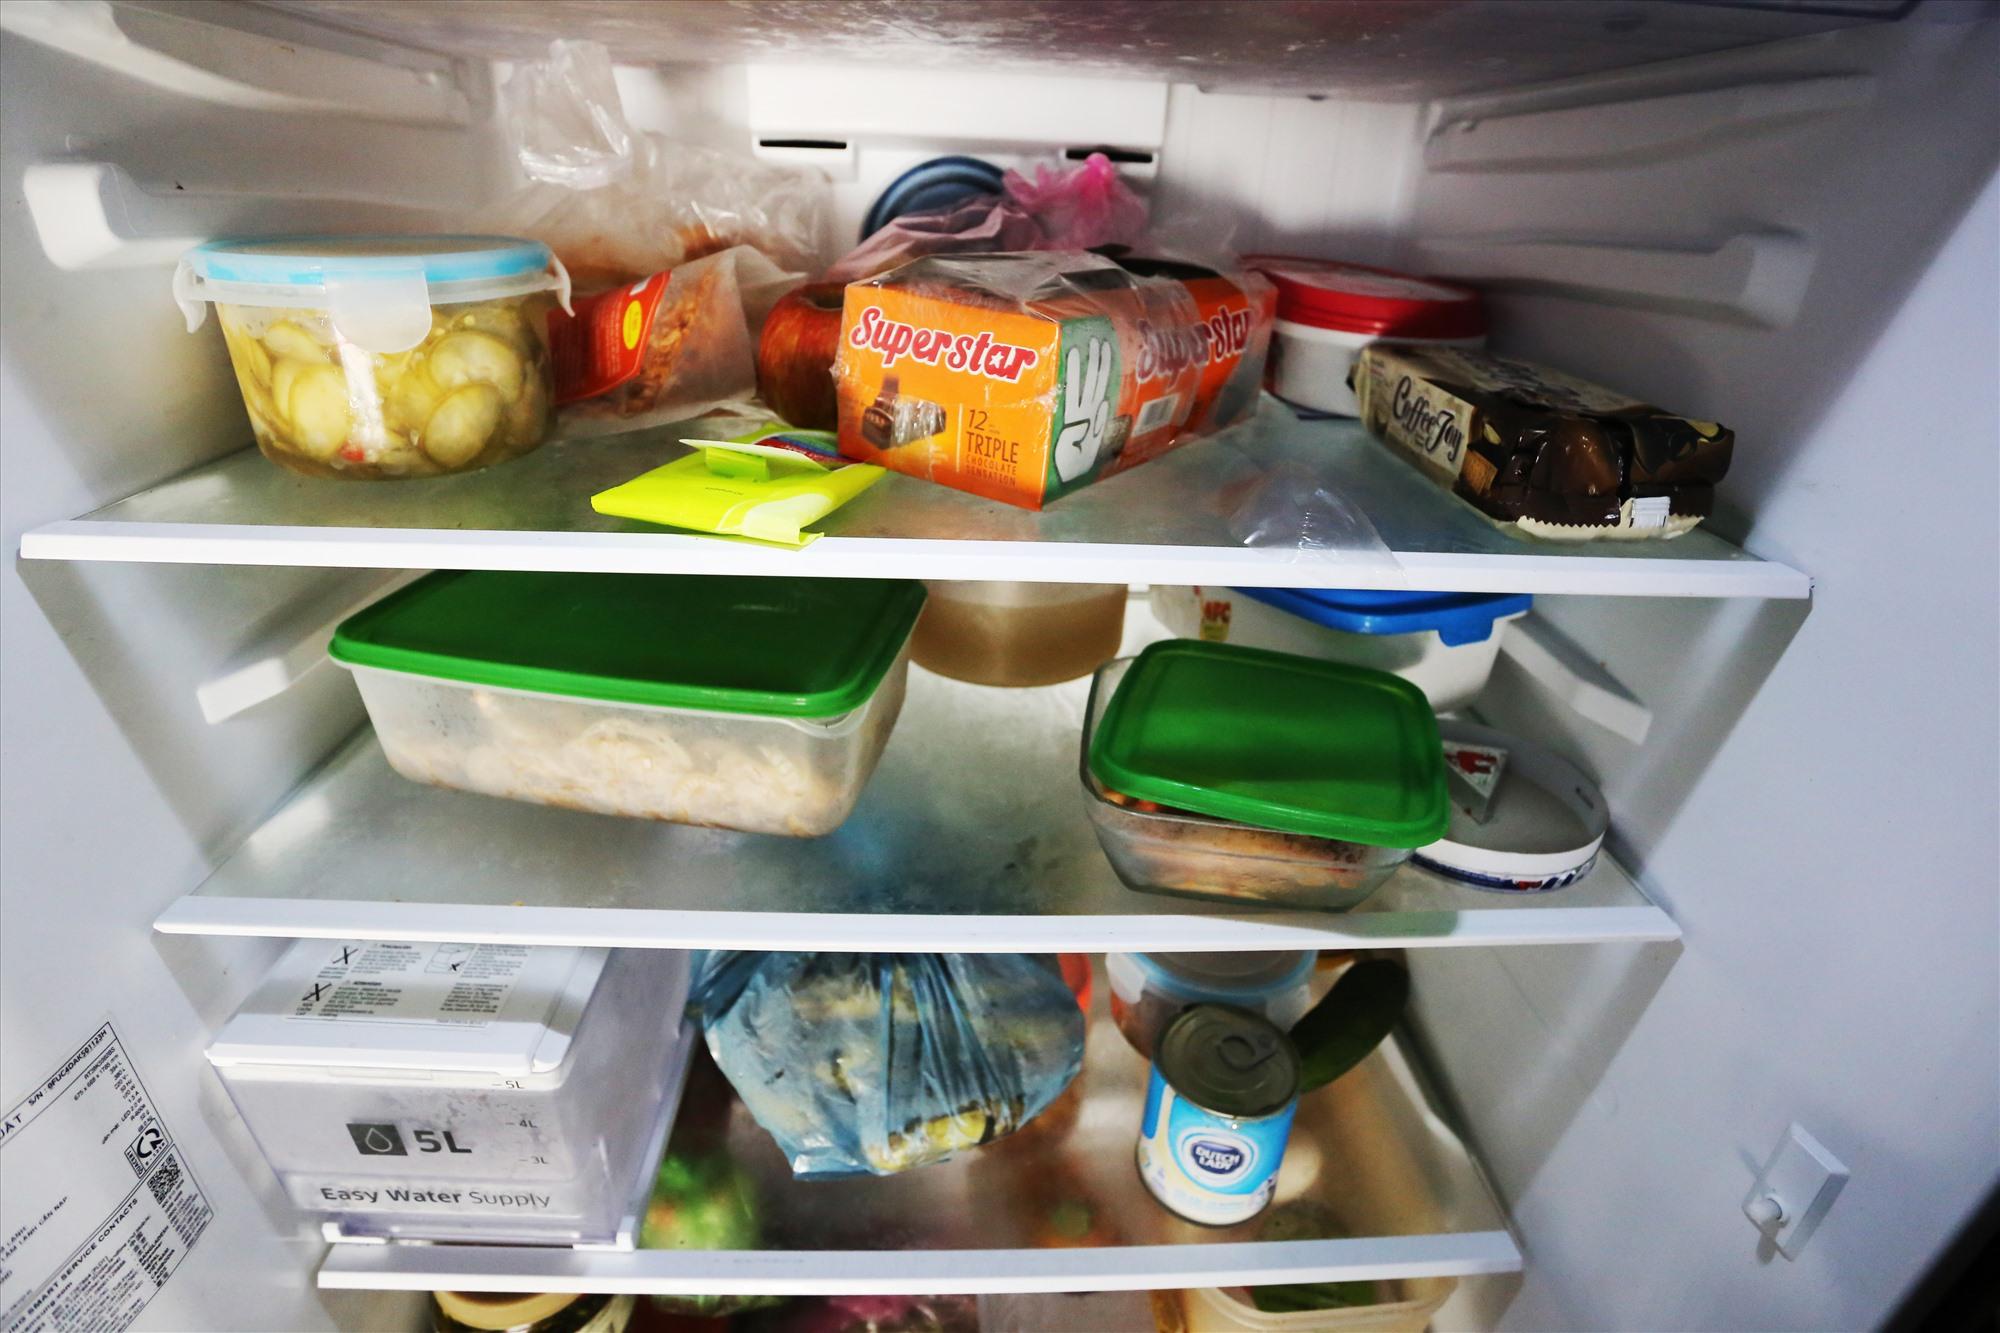 Trước khi lũ về, chị Hòa đã ra chợ mua thực phẩm về để trong tủ lạnh.